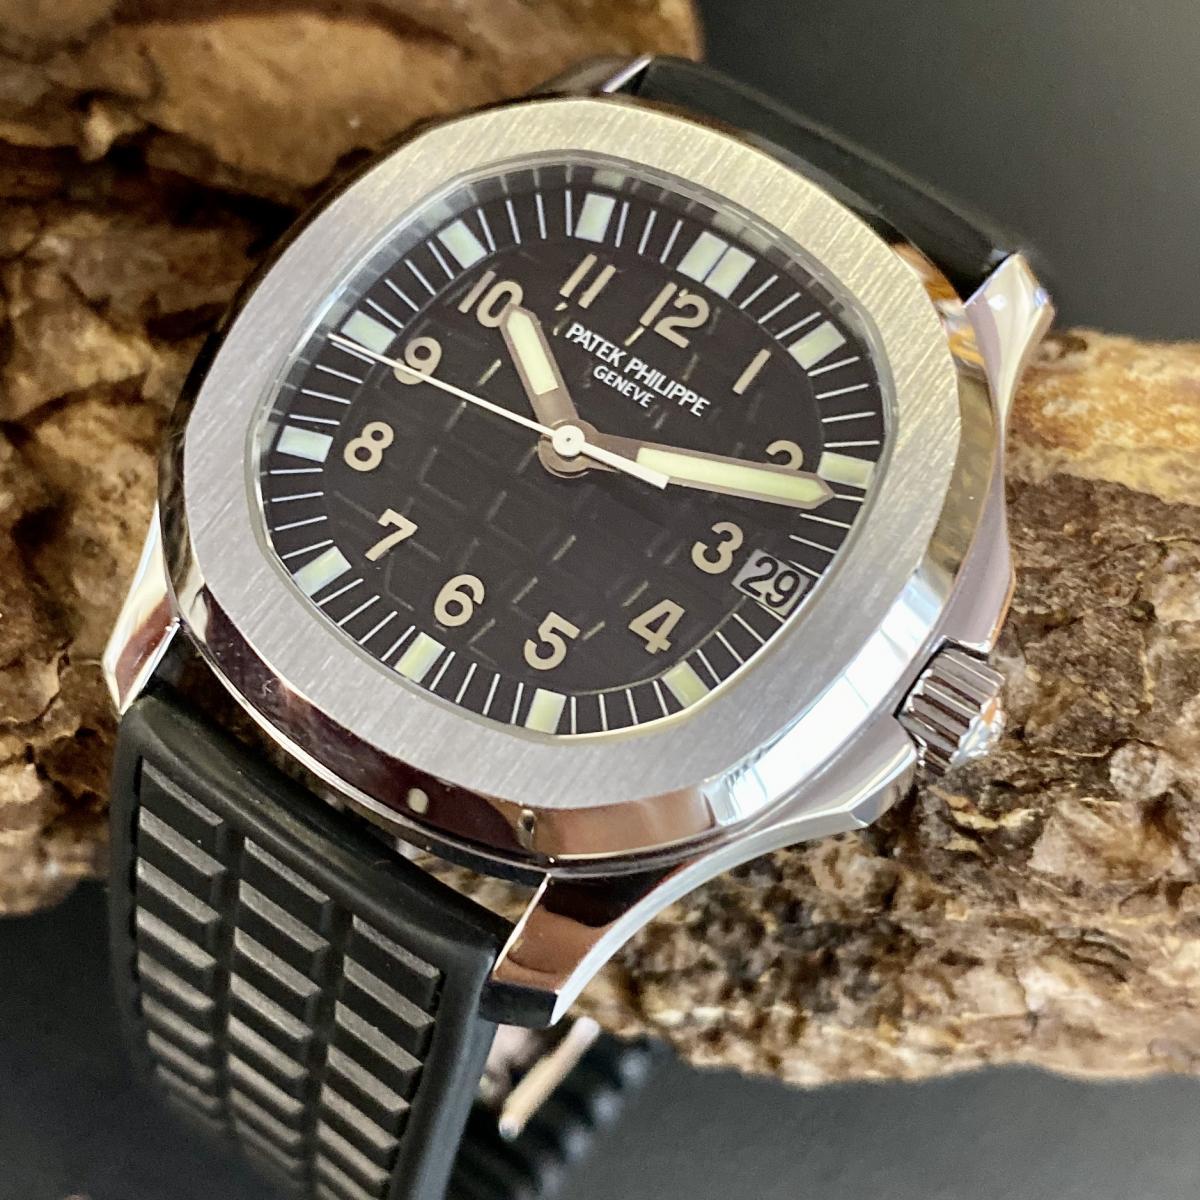 Patek Philippe Aquanaut Ref. 5066/1A-001